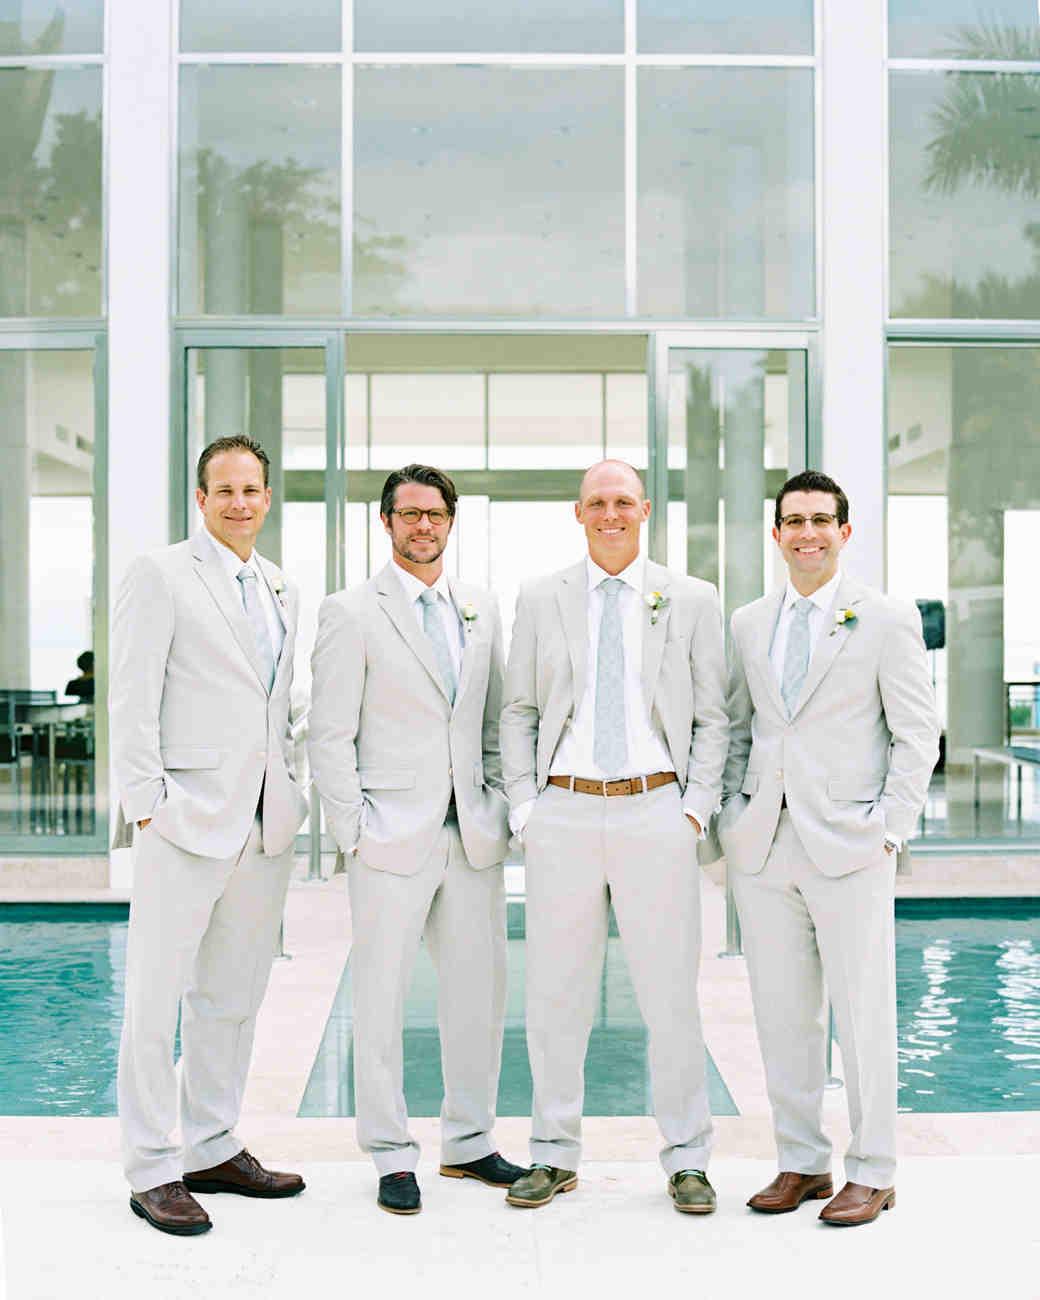 molly-nate-wedding-groomsmen-125-s111479-0814.jpg